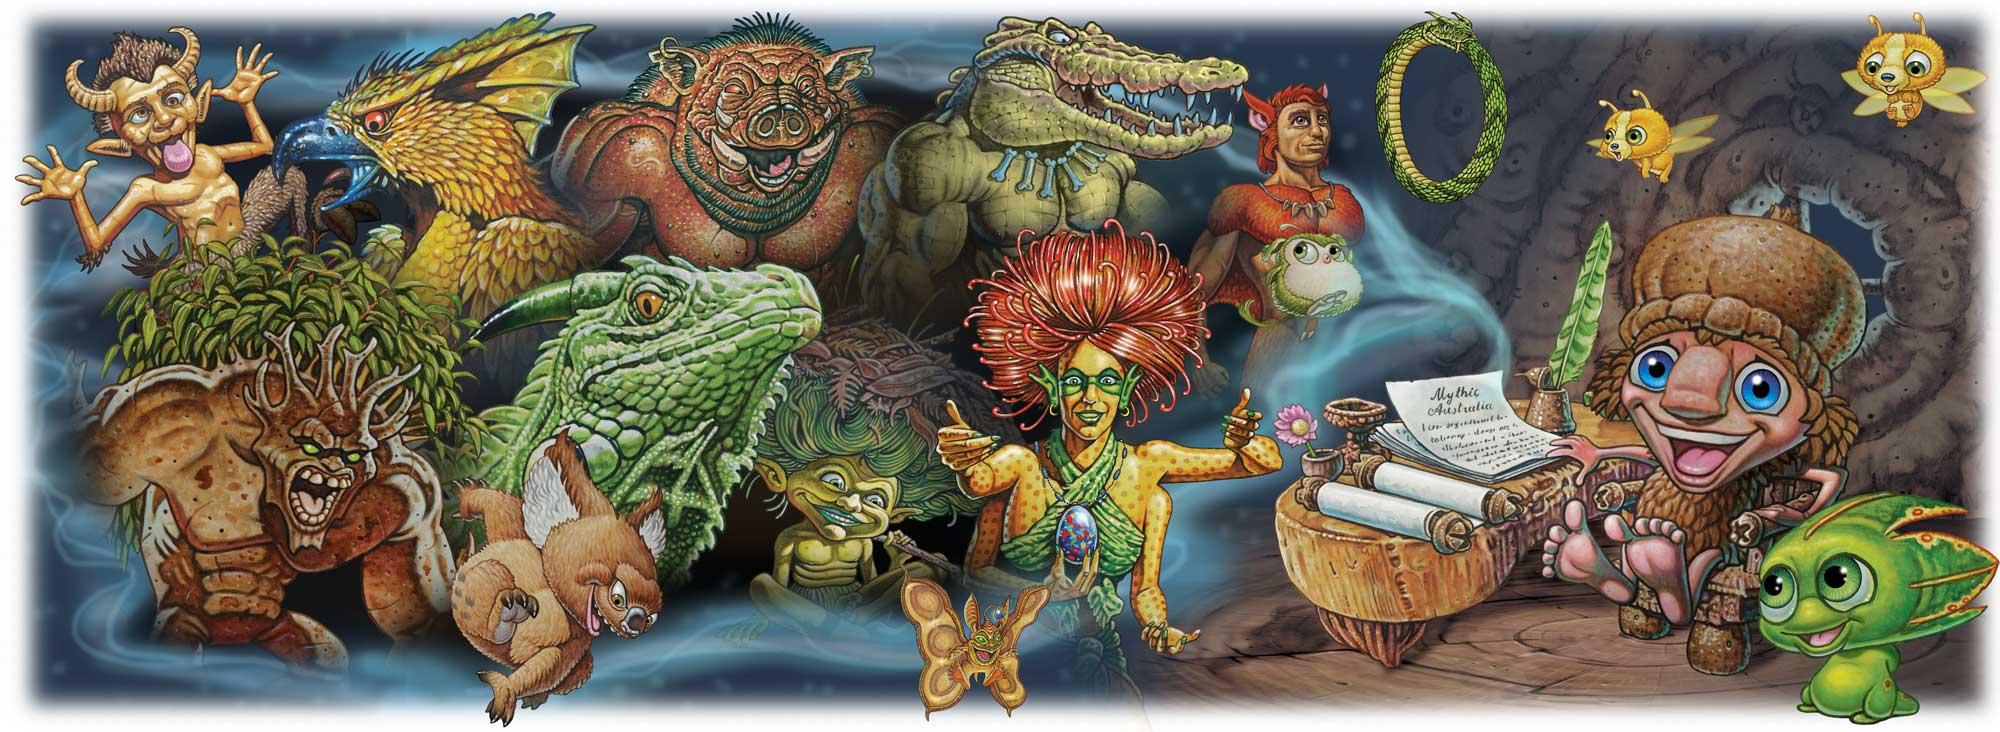 Mythic Australia Creatures